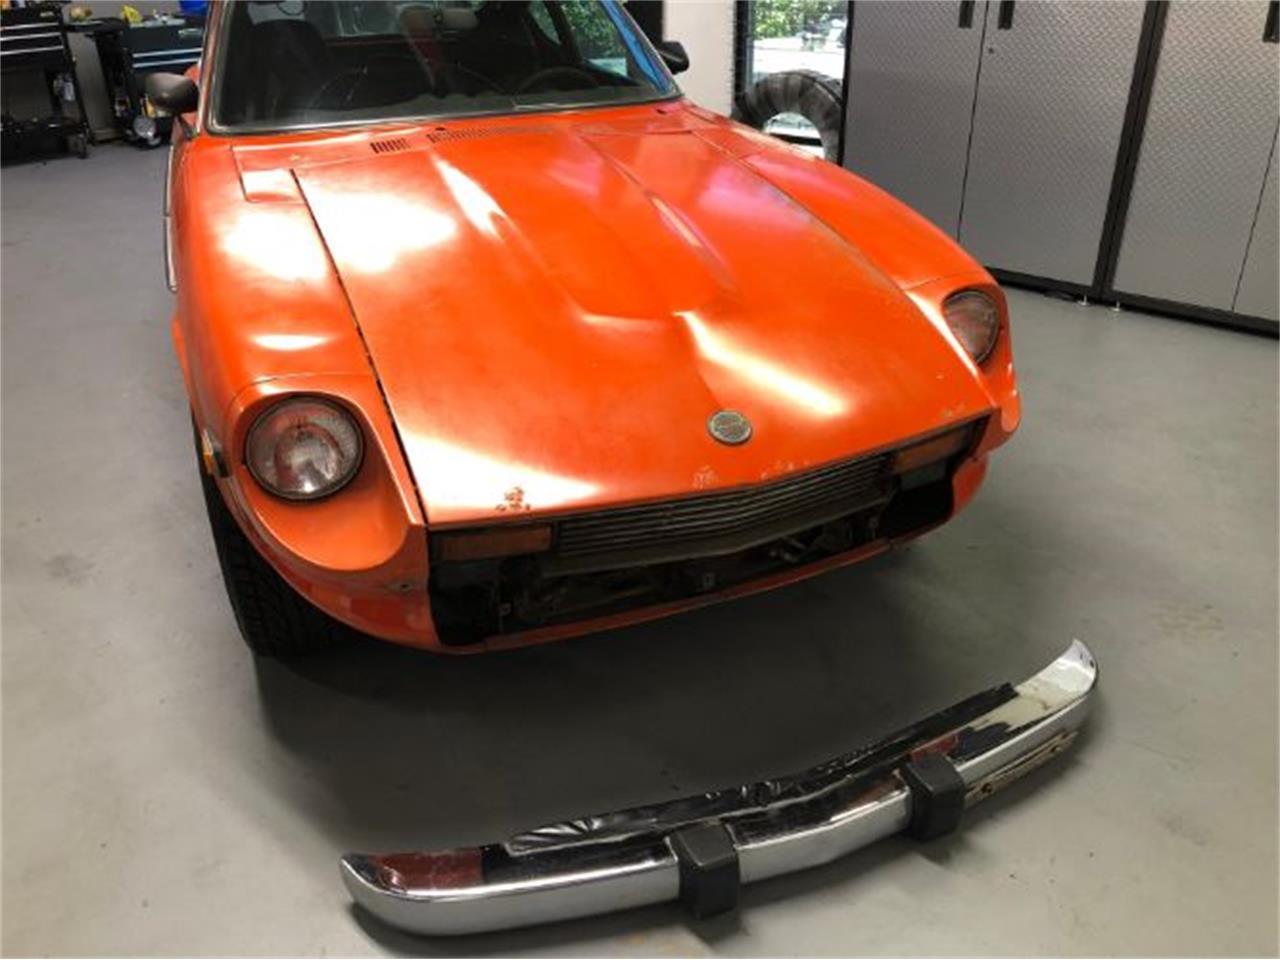 For Sale: 1975 Datsun 280Z in Cadillac, Michigan